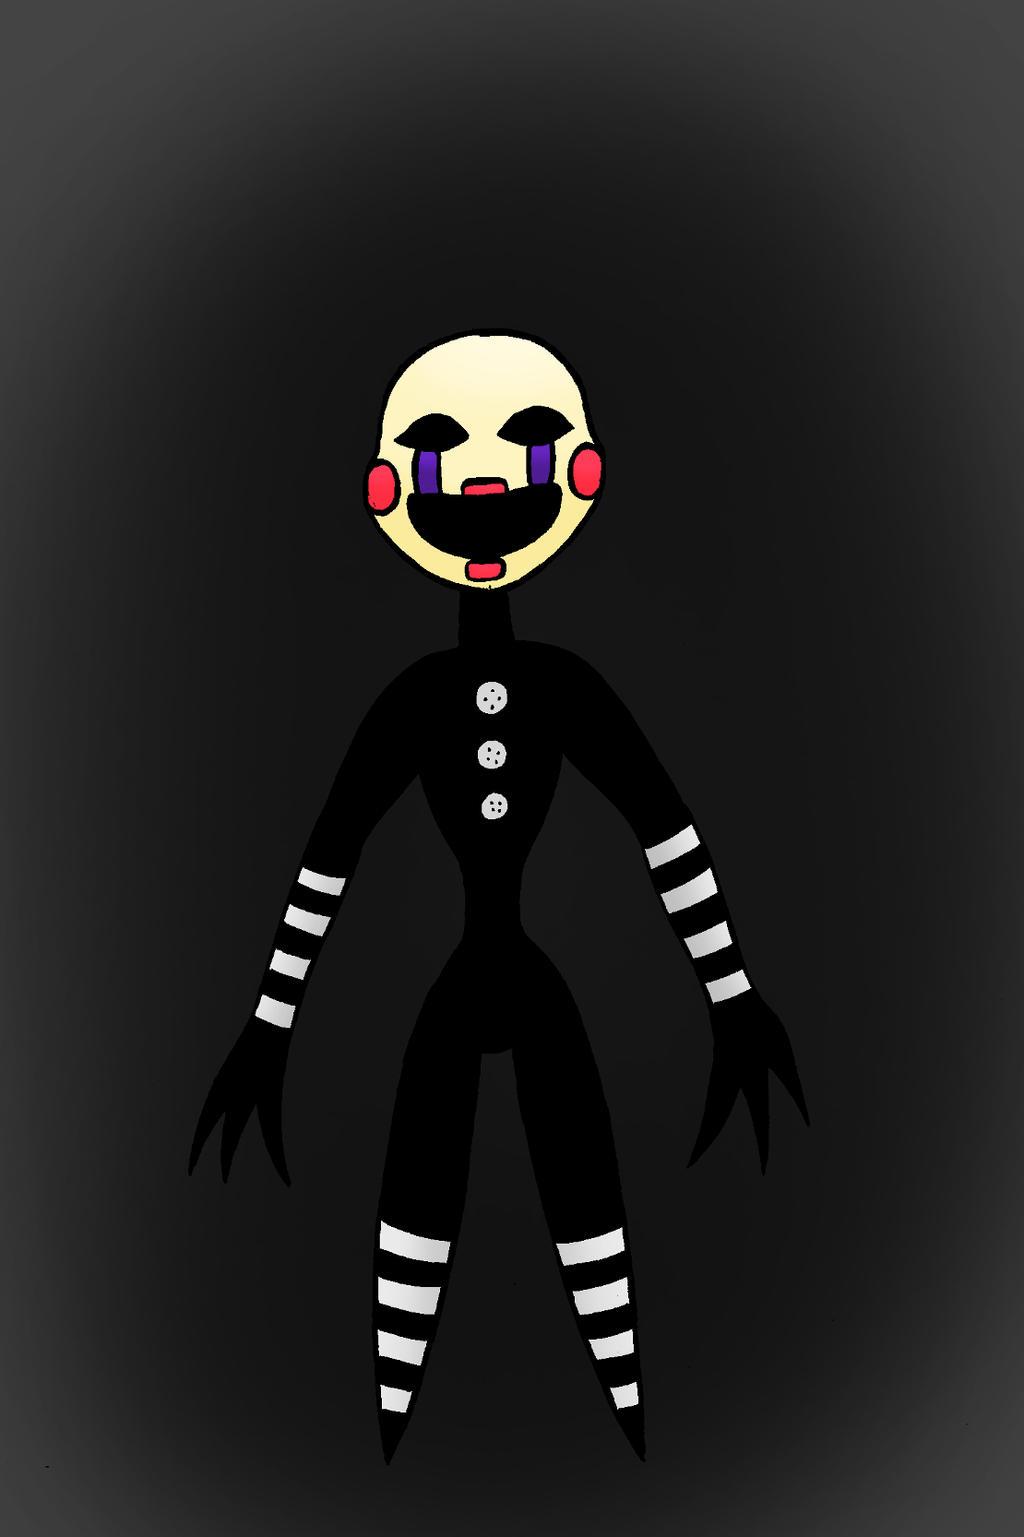 Puppet fnaf 2 by nyxenavenger on deviantart click for details fnaf 2